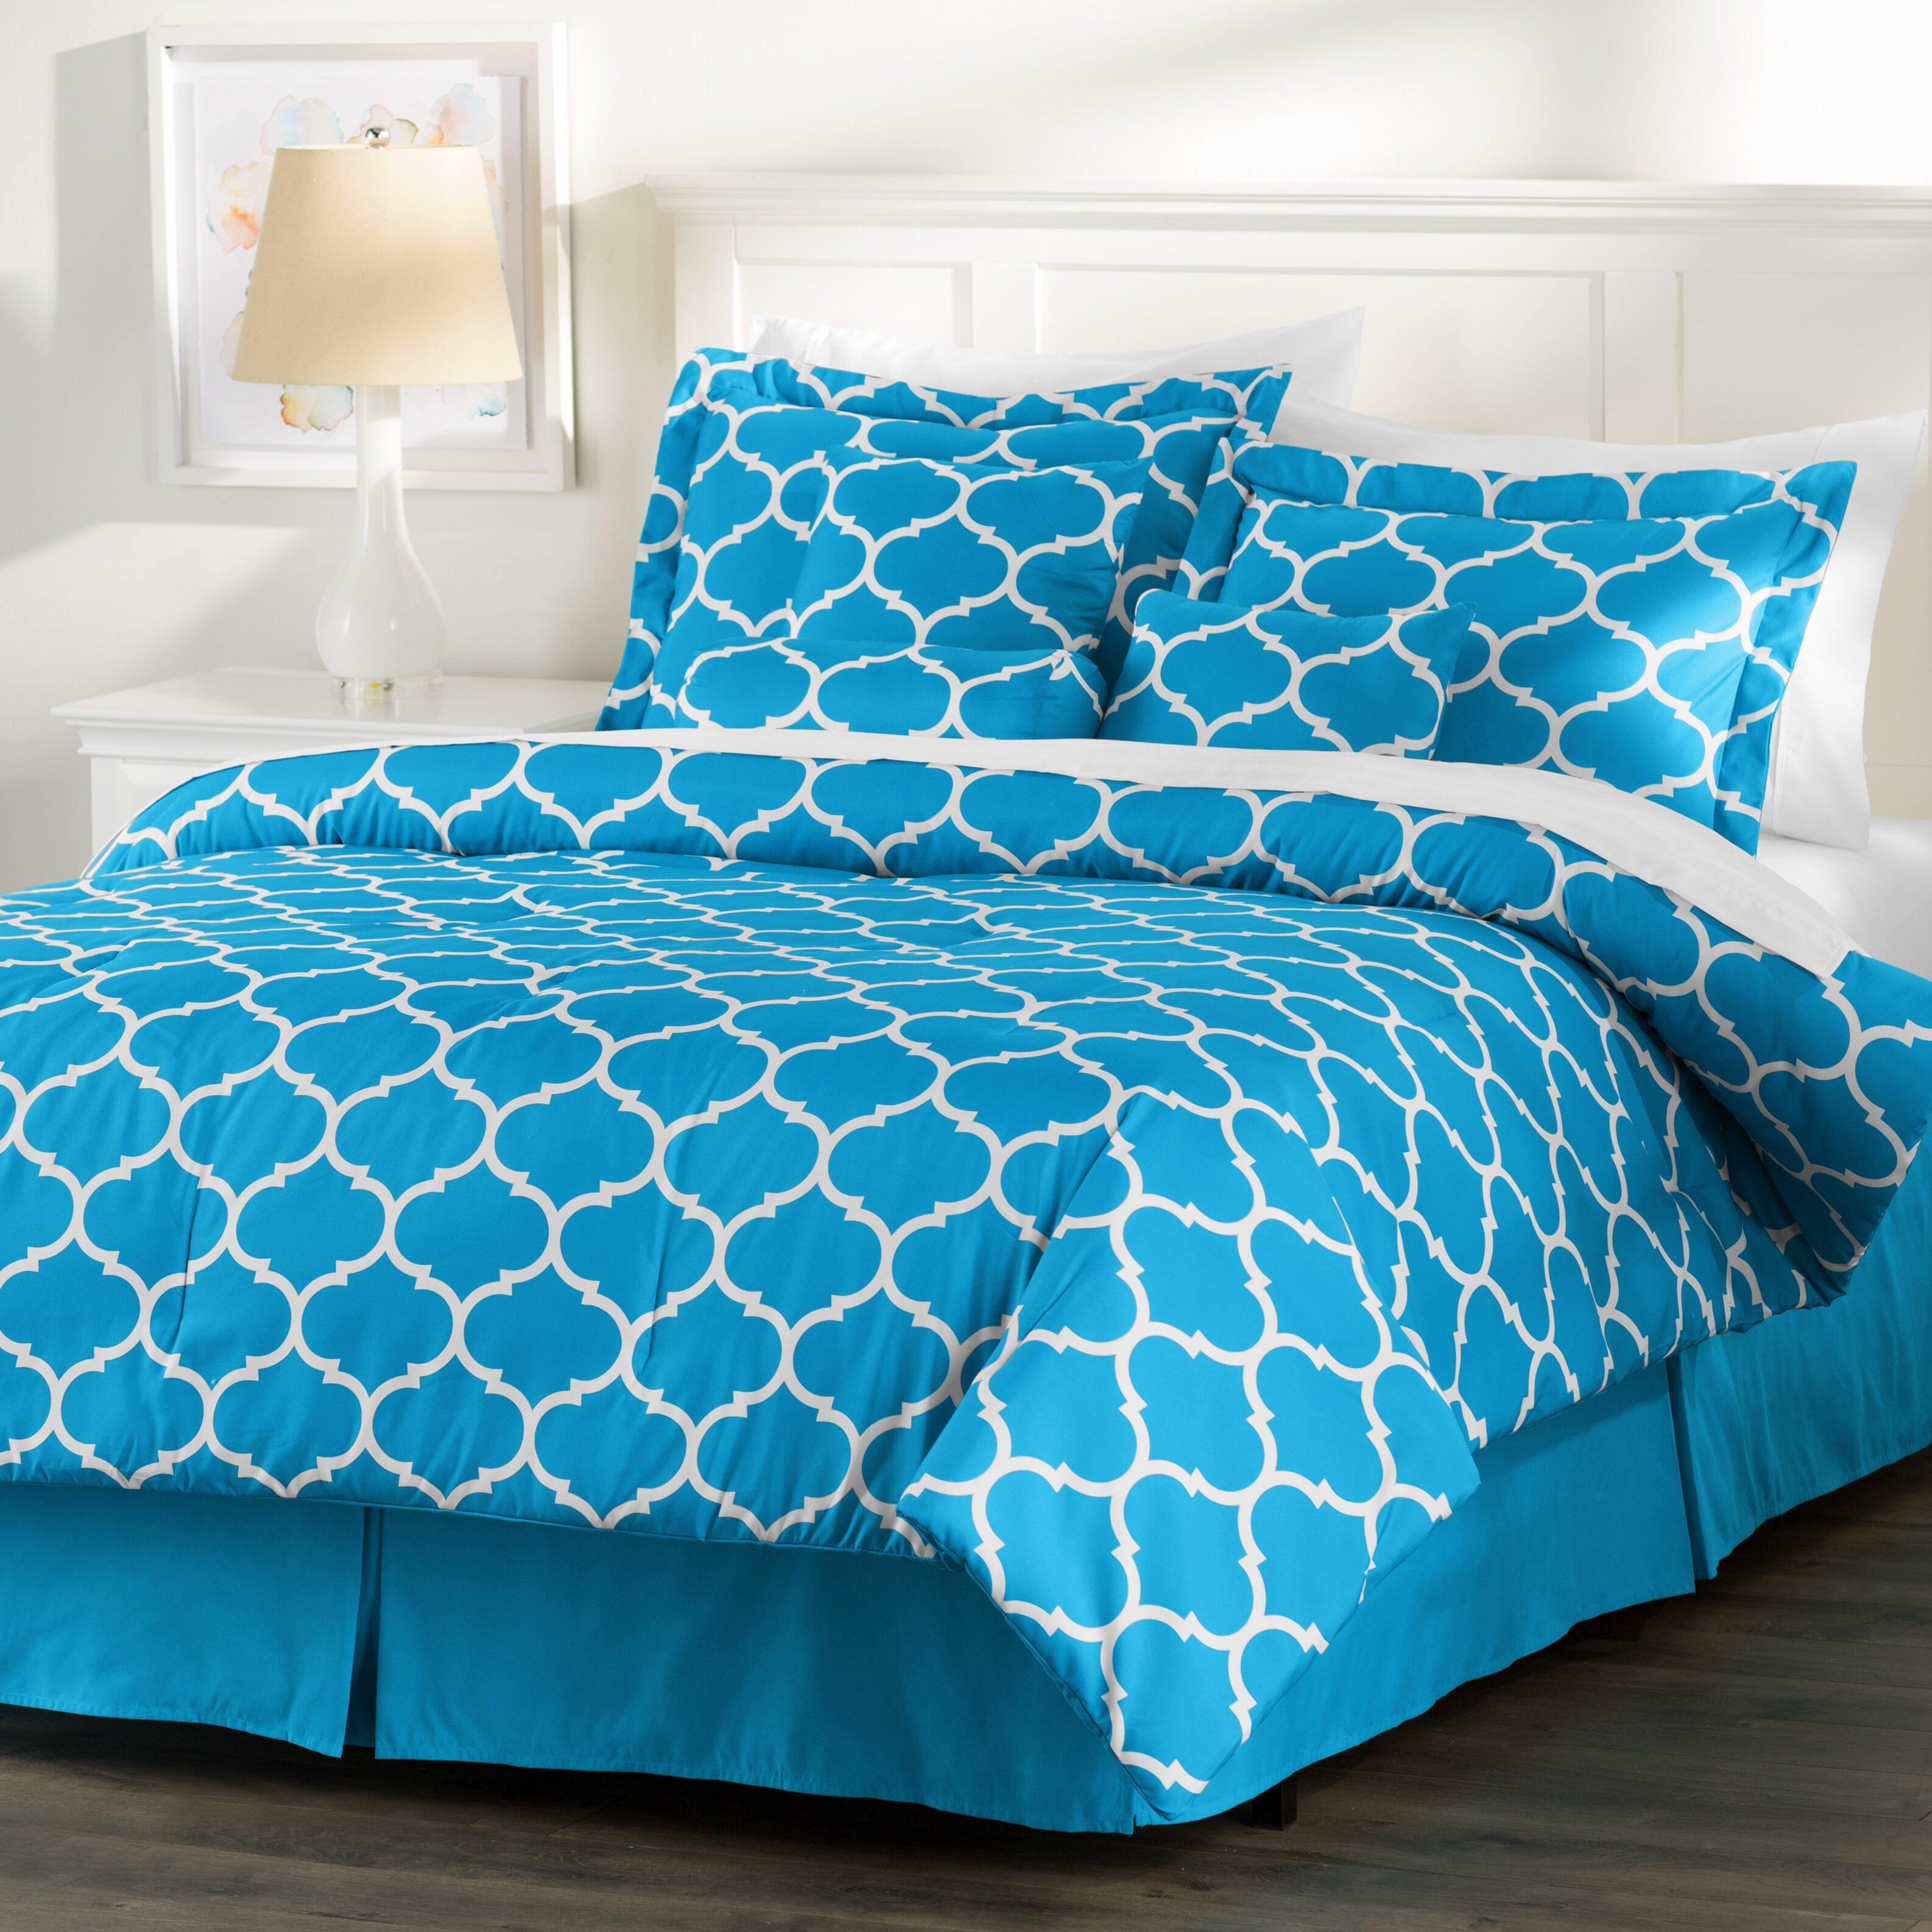 Wayfair basics wayfair basics 7 piece comforter set amp reviews - Wayfair Basics Wayfair Basics Comforter Set Reviews